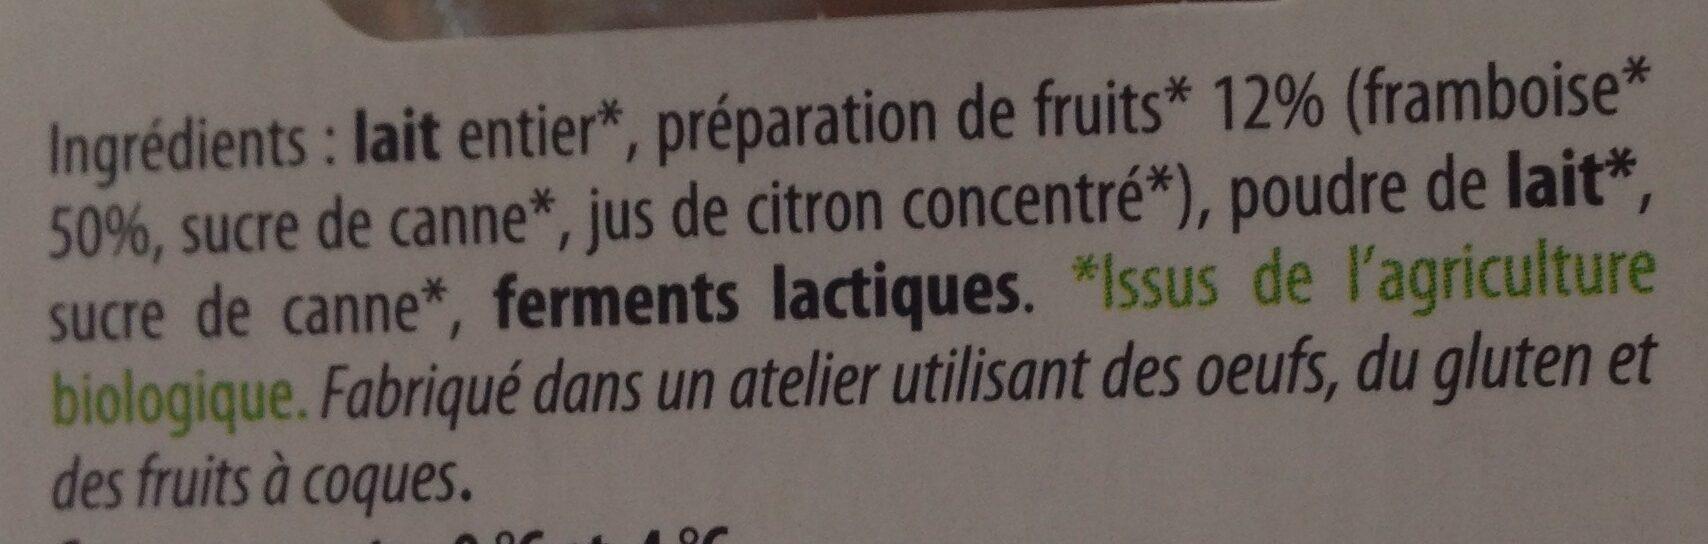 Yaourt Framboise - Ingrediënten